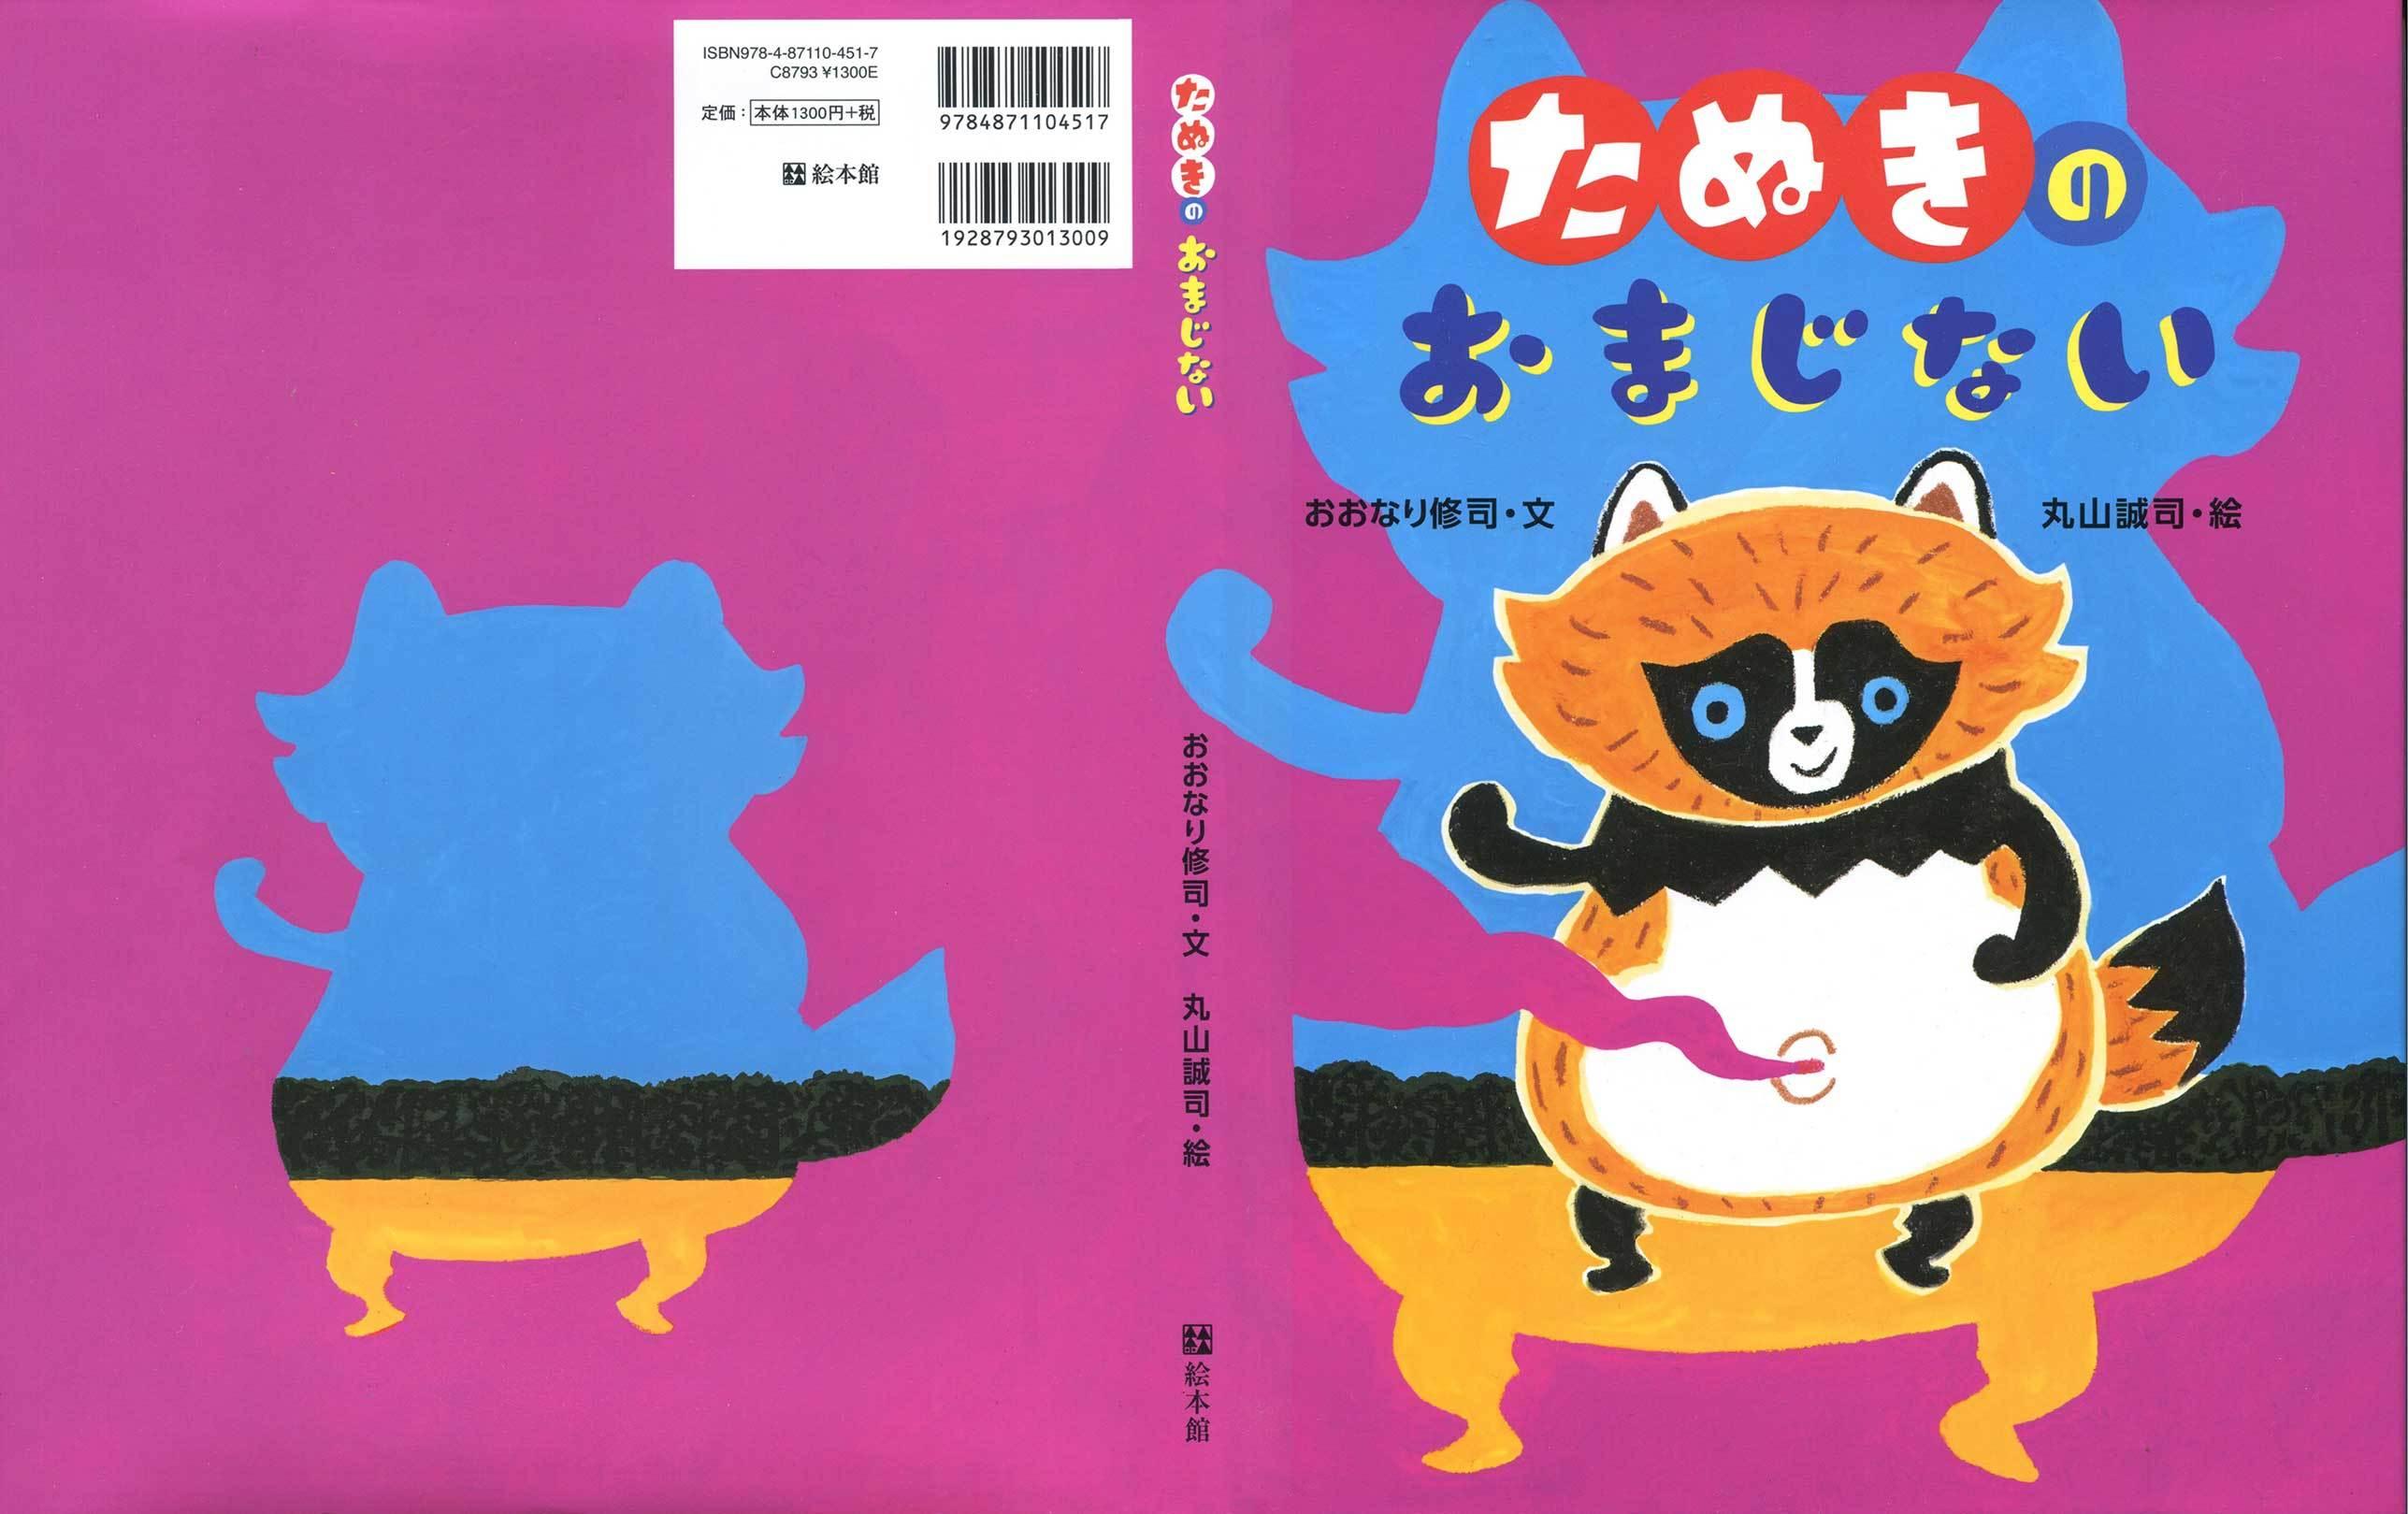 絵本『たぬきのおまじない』(絵本館)、産經新聞でご紹介いただきました。_a0048227_16203540.jpg